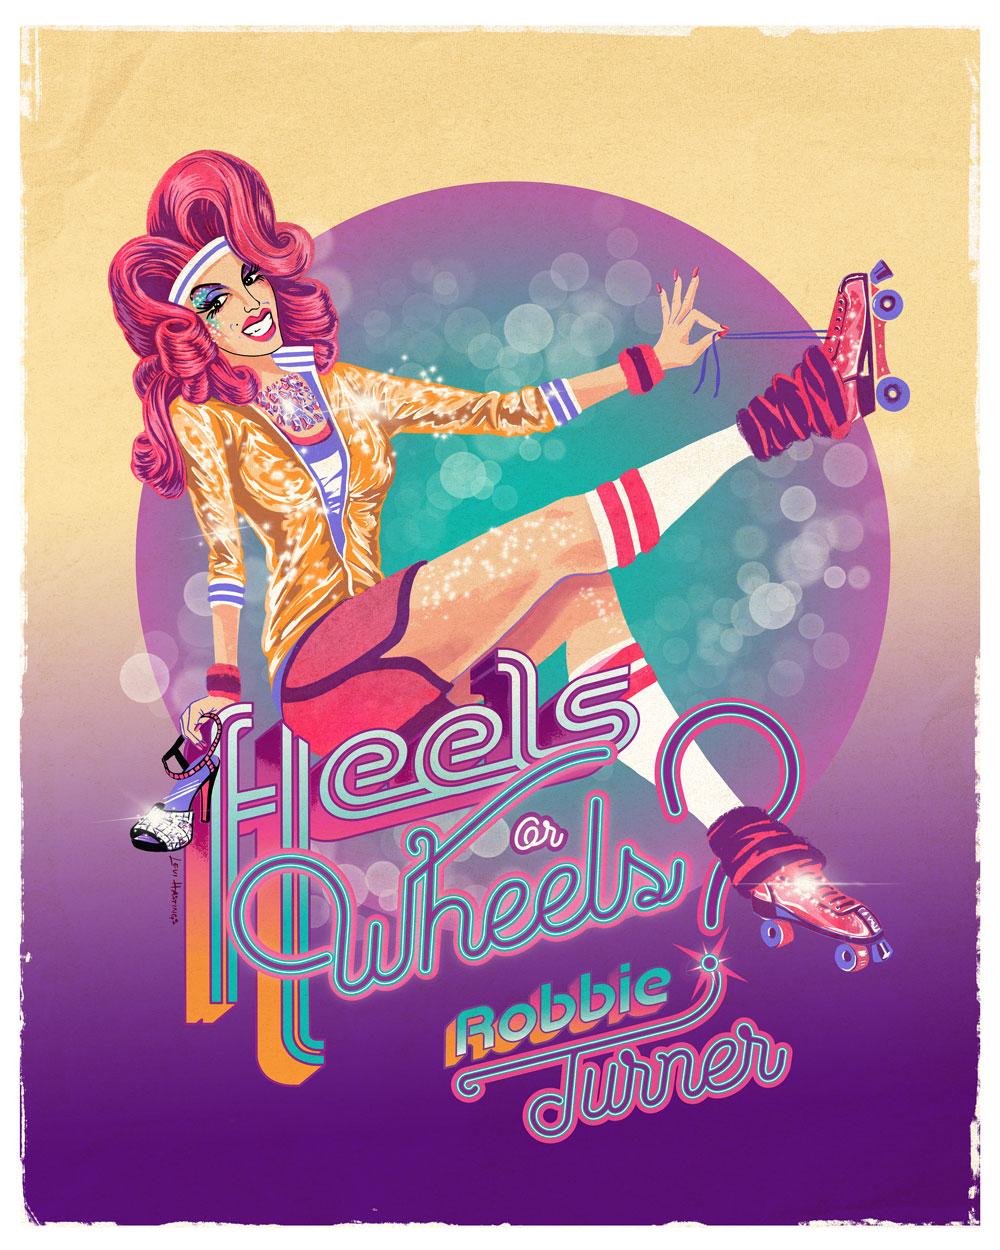 Robbie-Heels-or-Wheels-8x10-WEB.jpg